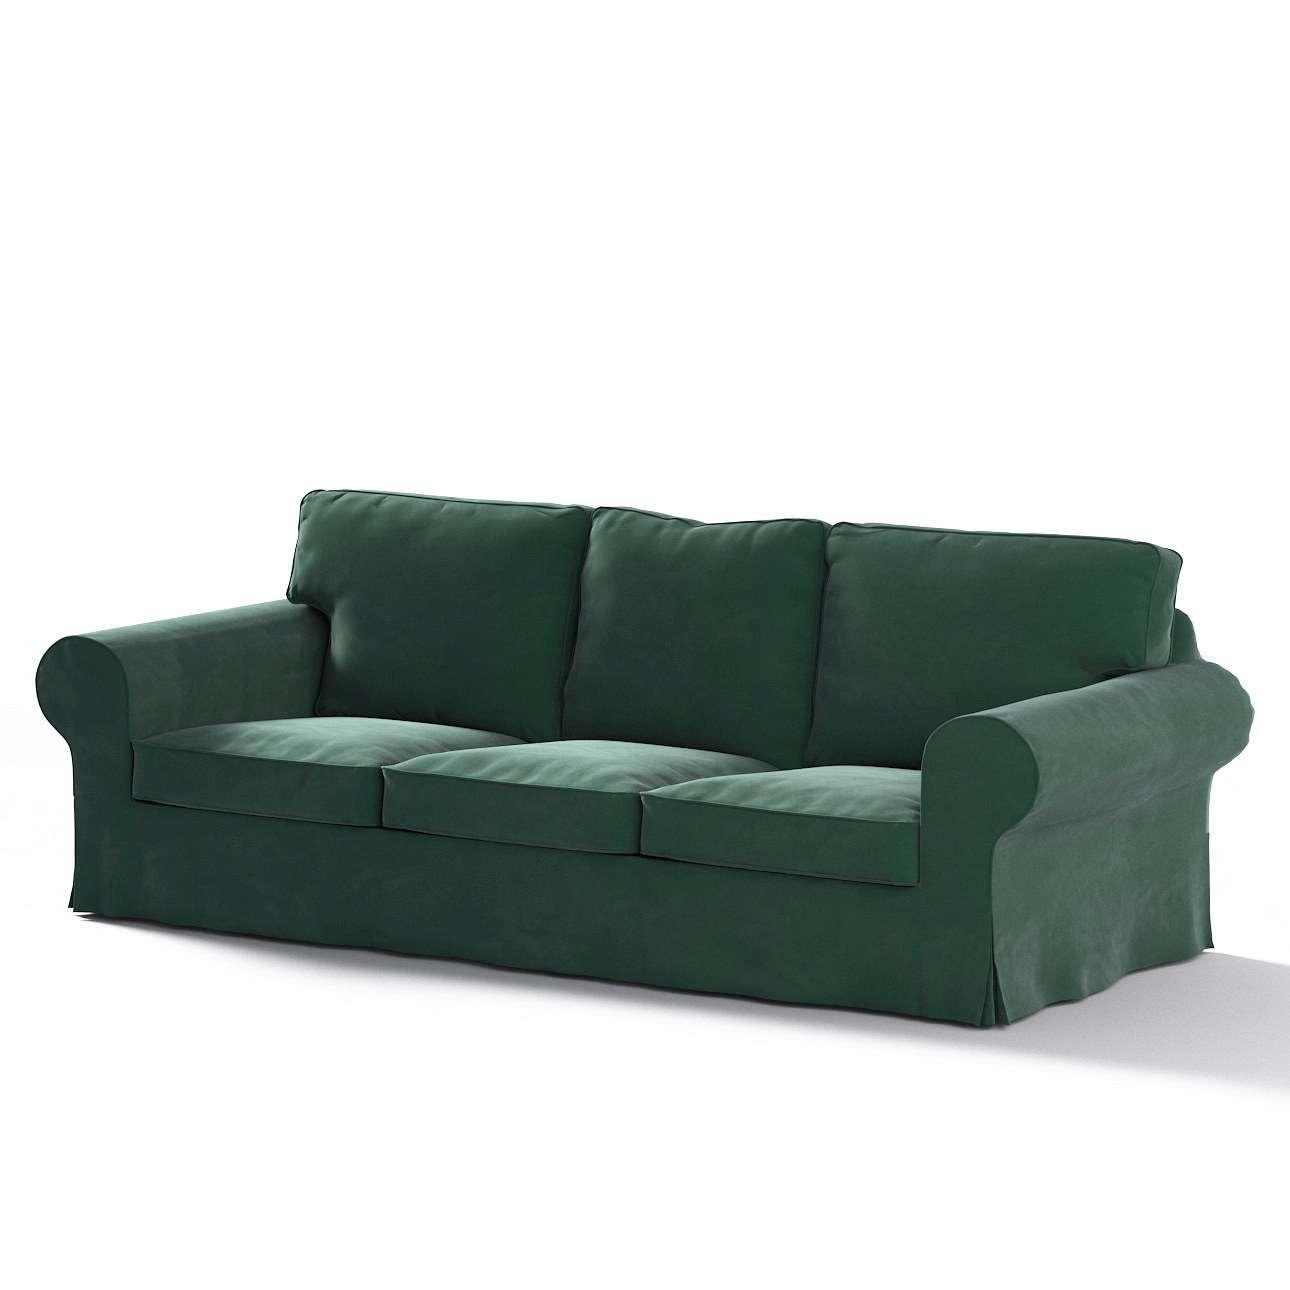 Pokrowiec na sofę Ektorp 3-osobową, rozkładaną, PIXBO w kolekcji Velvet, tkanina: 704-25